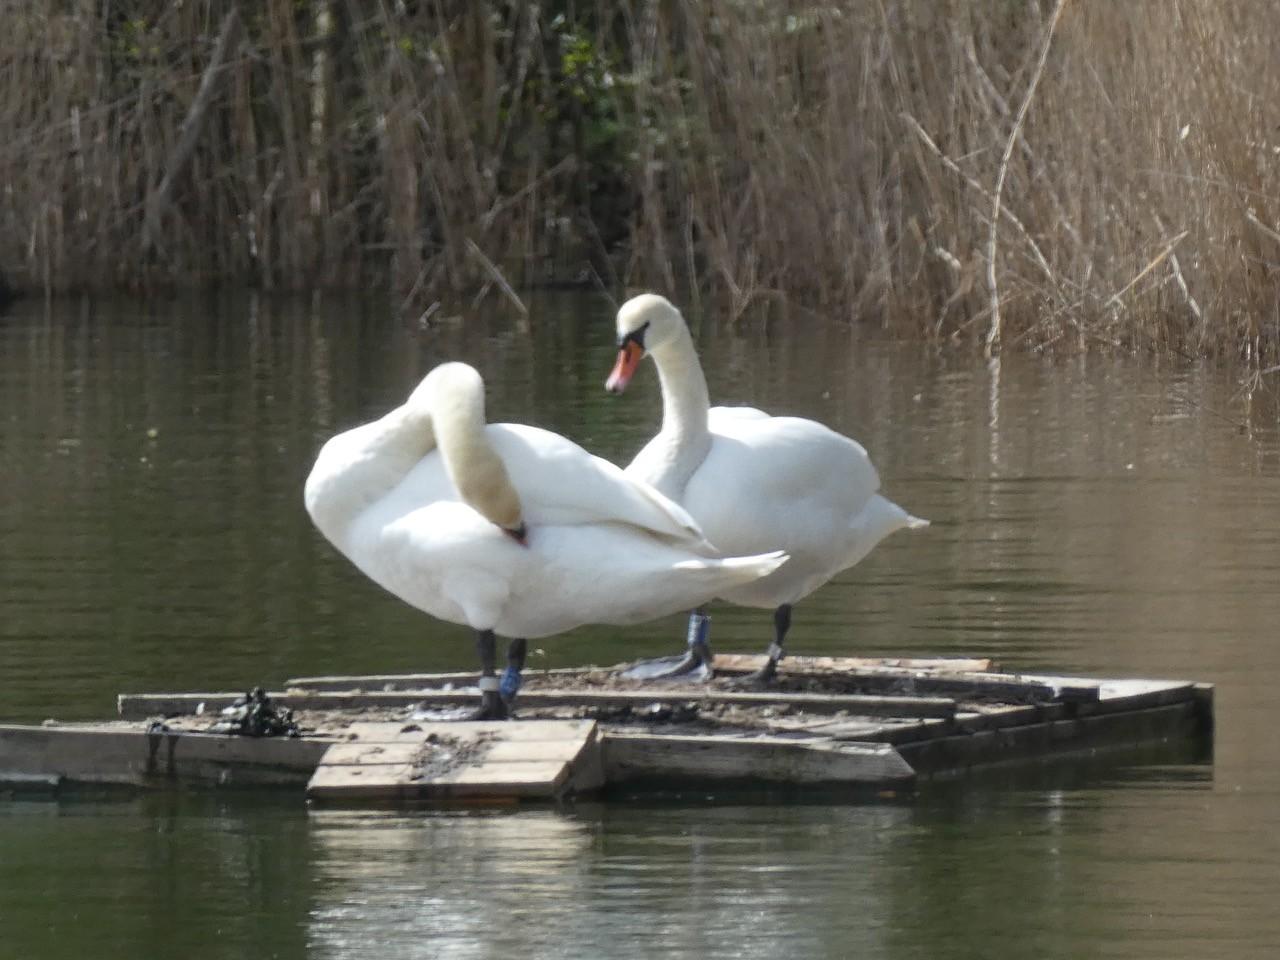 Tømmerflåder til fuglene (april – maj 2021)